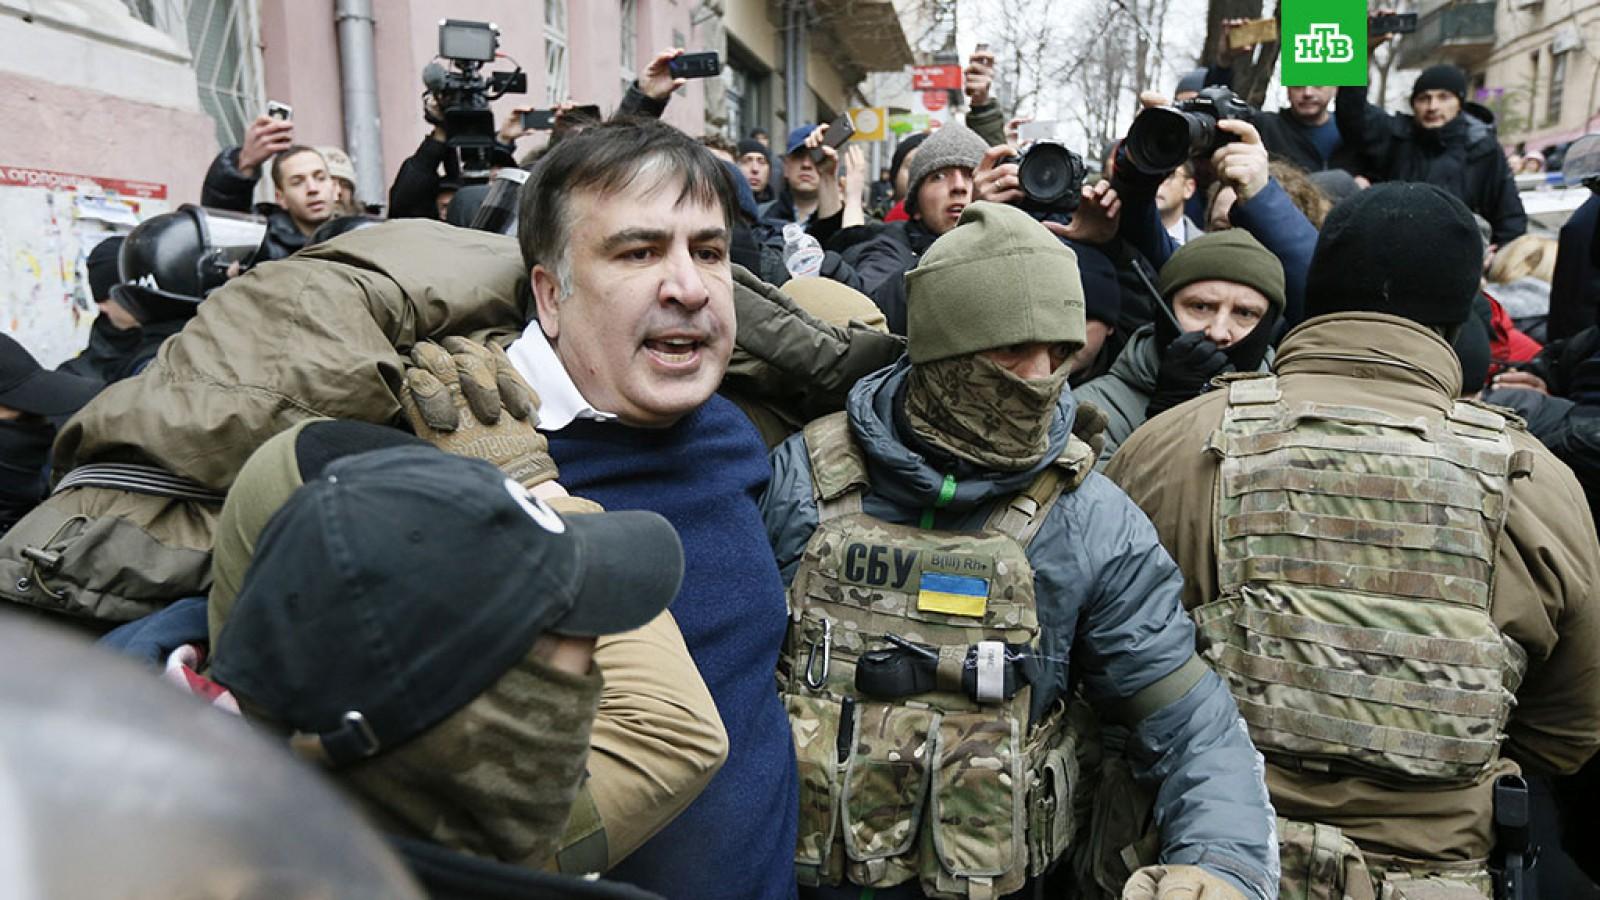 """Video detaliat al momentului în care a fost reținut Mihail Saakashvili: """"Tot drumul spre aeroport îi țineau ochii și gura acoperite"""""""